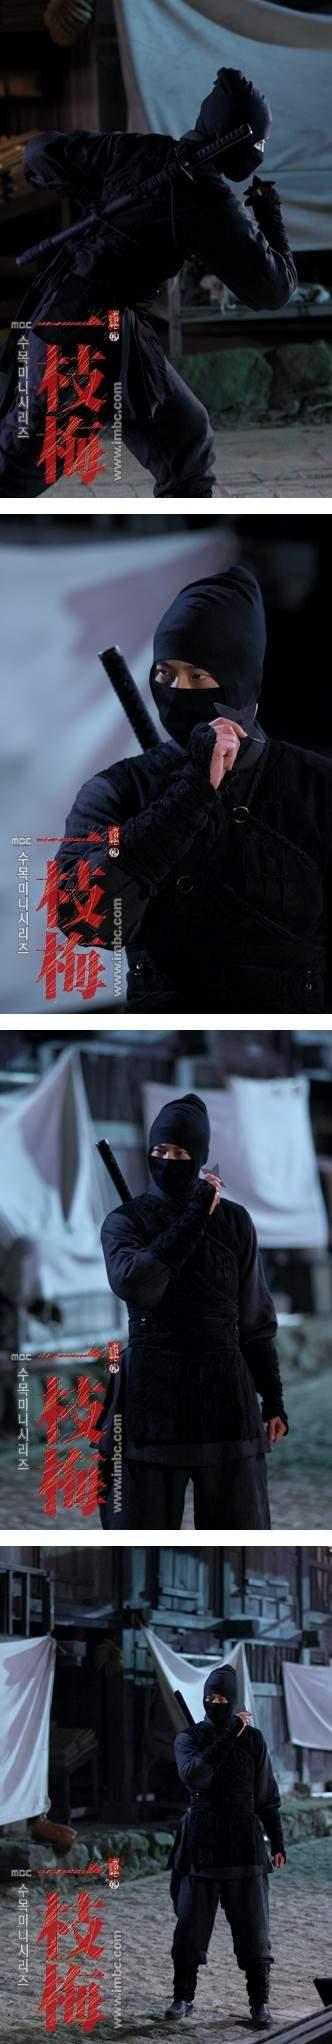 2009 JIW Return of Iljimae Fighting 3